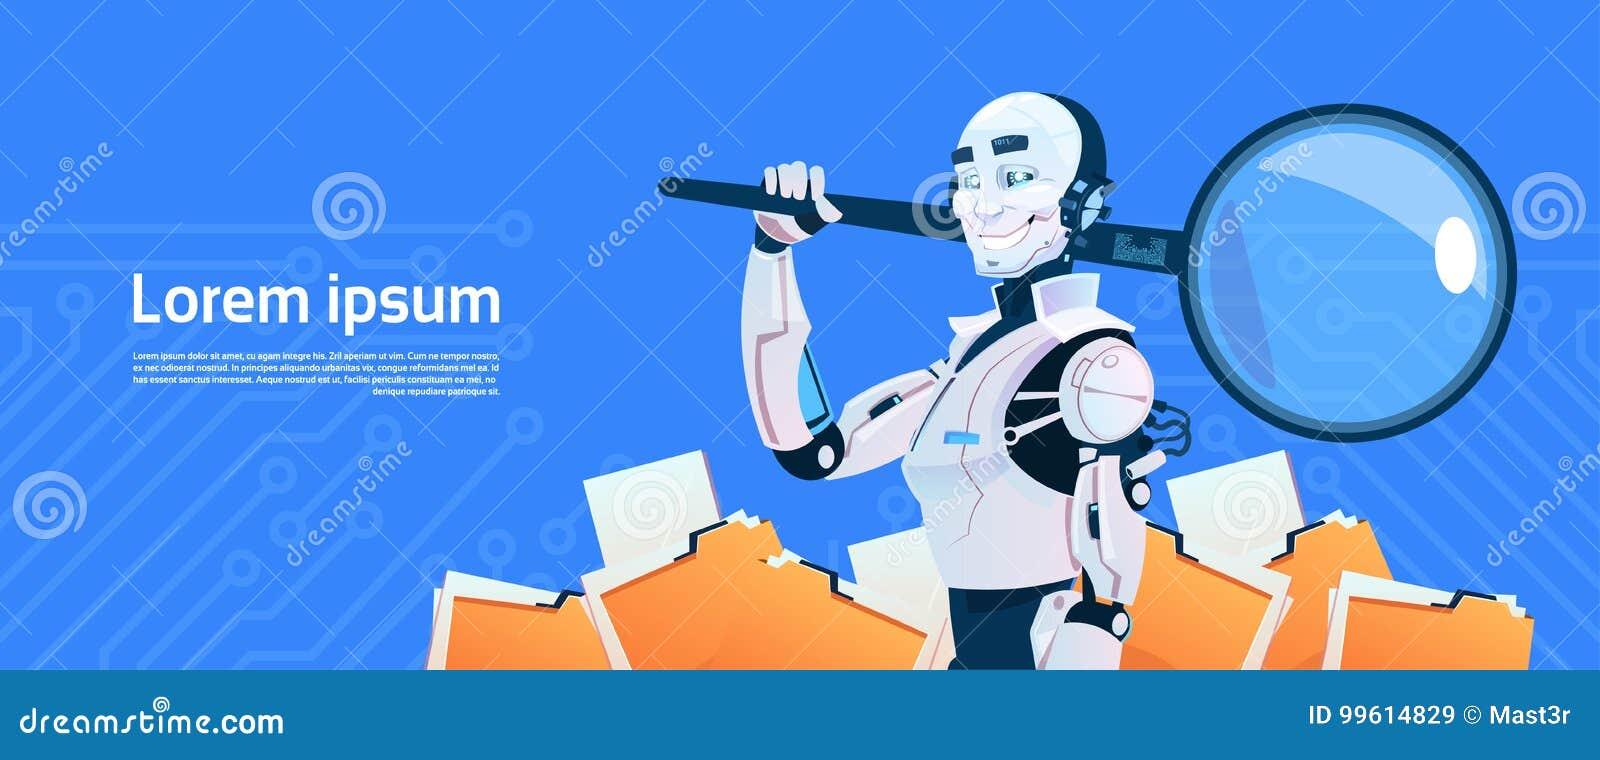 Modernes Roboter-Griff-Lupen-Daten-Suchkonzept, futuristische künstliche Intelligenz-Mechanismus-Technologie